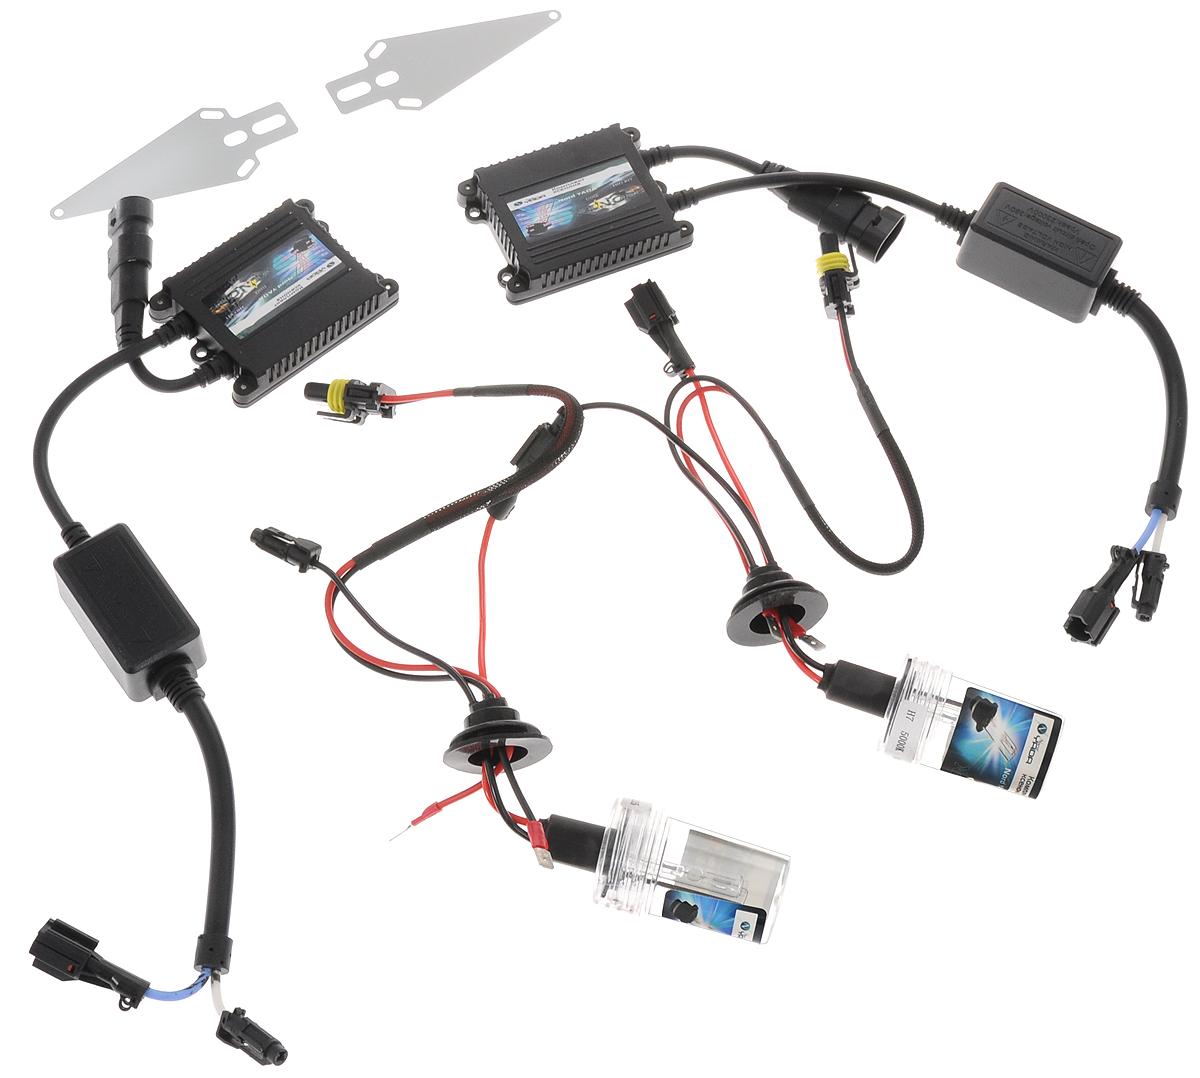 Комплект ксенона Nord YADA, цоколь H7, 9-16V, 35 W. 90317810501Ксеноновый комплект Nord YADA предназначен для использования в транспортных средствах. Он обеспечивает стабильное освещение дороги при плохих погодных условиях и в темноте. Комплект предназначен для использования в фарах ближнего и дальнего света. Имеет более длительный срок службы, в отличие от галогеновых ламп.Ксеноновая лампа - это источник света, представляющий собой состоящее из колбы с газом (ксеноном) устройство, в котором светится электрическая дуга, возникающая вследствие подачи напряжения на электроды лампы.Рабочий диапазон питающих напряжений: 9-16В.Диапазон рабочих температур: от -20°С до +120°С.Срок службы: 3000 ч.